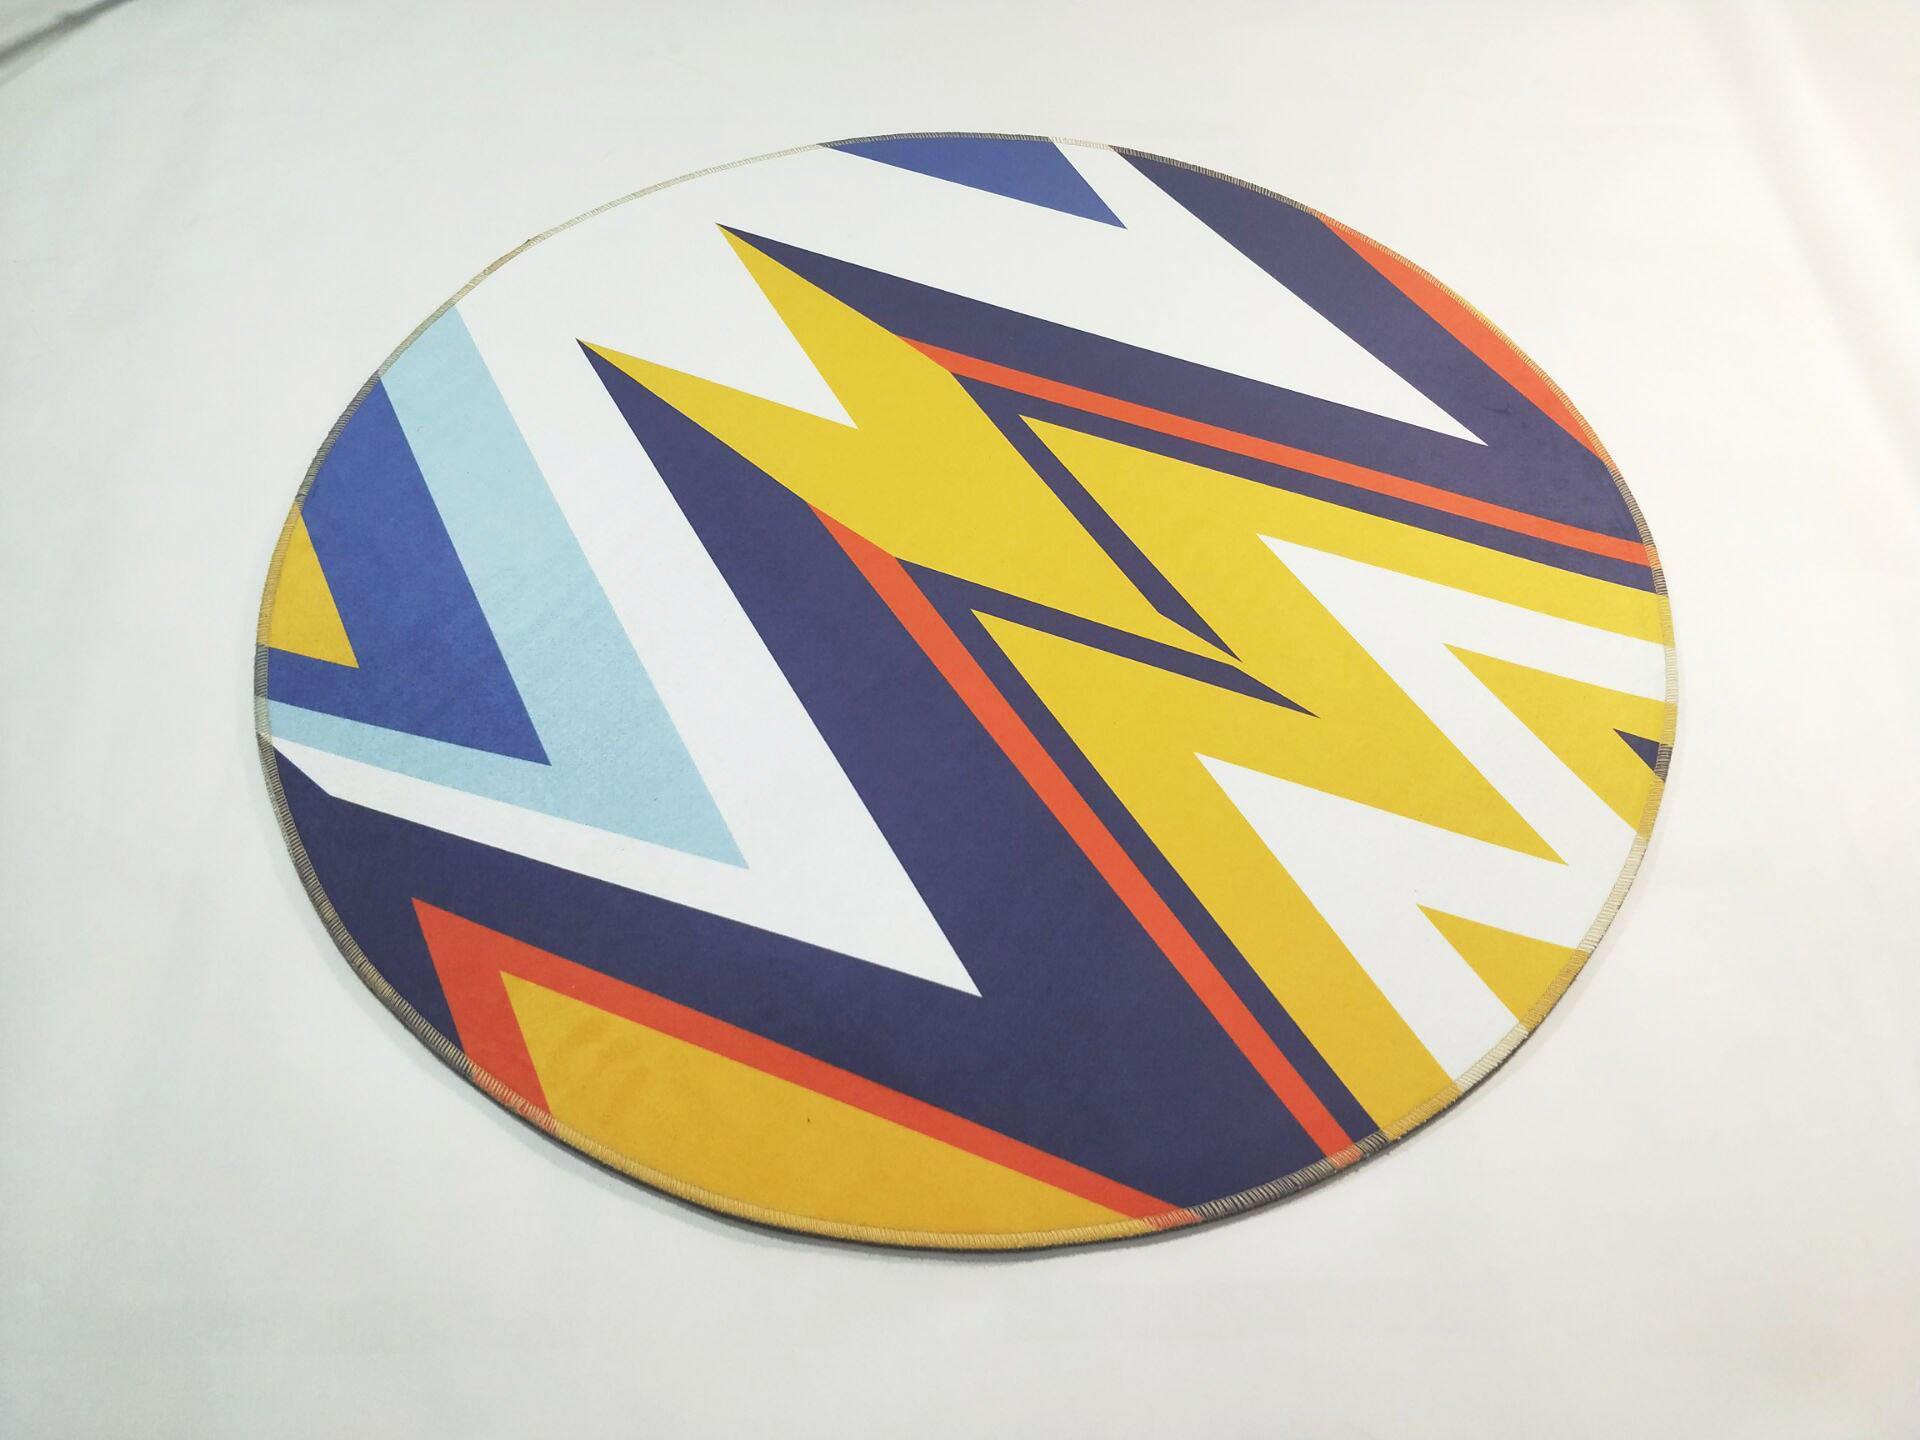 Runder Teppich <br> Abstrakte Muster